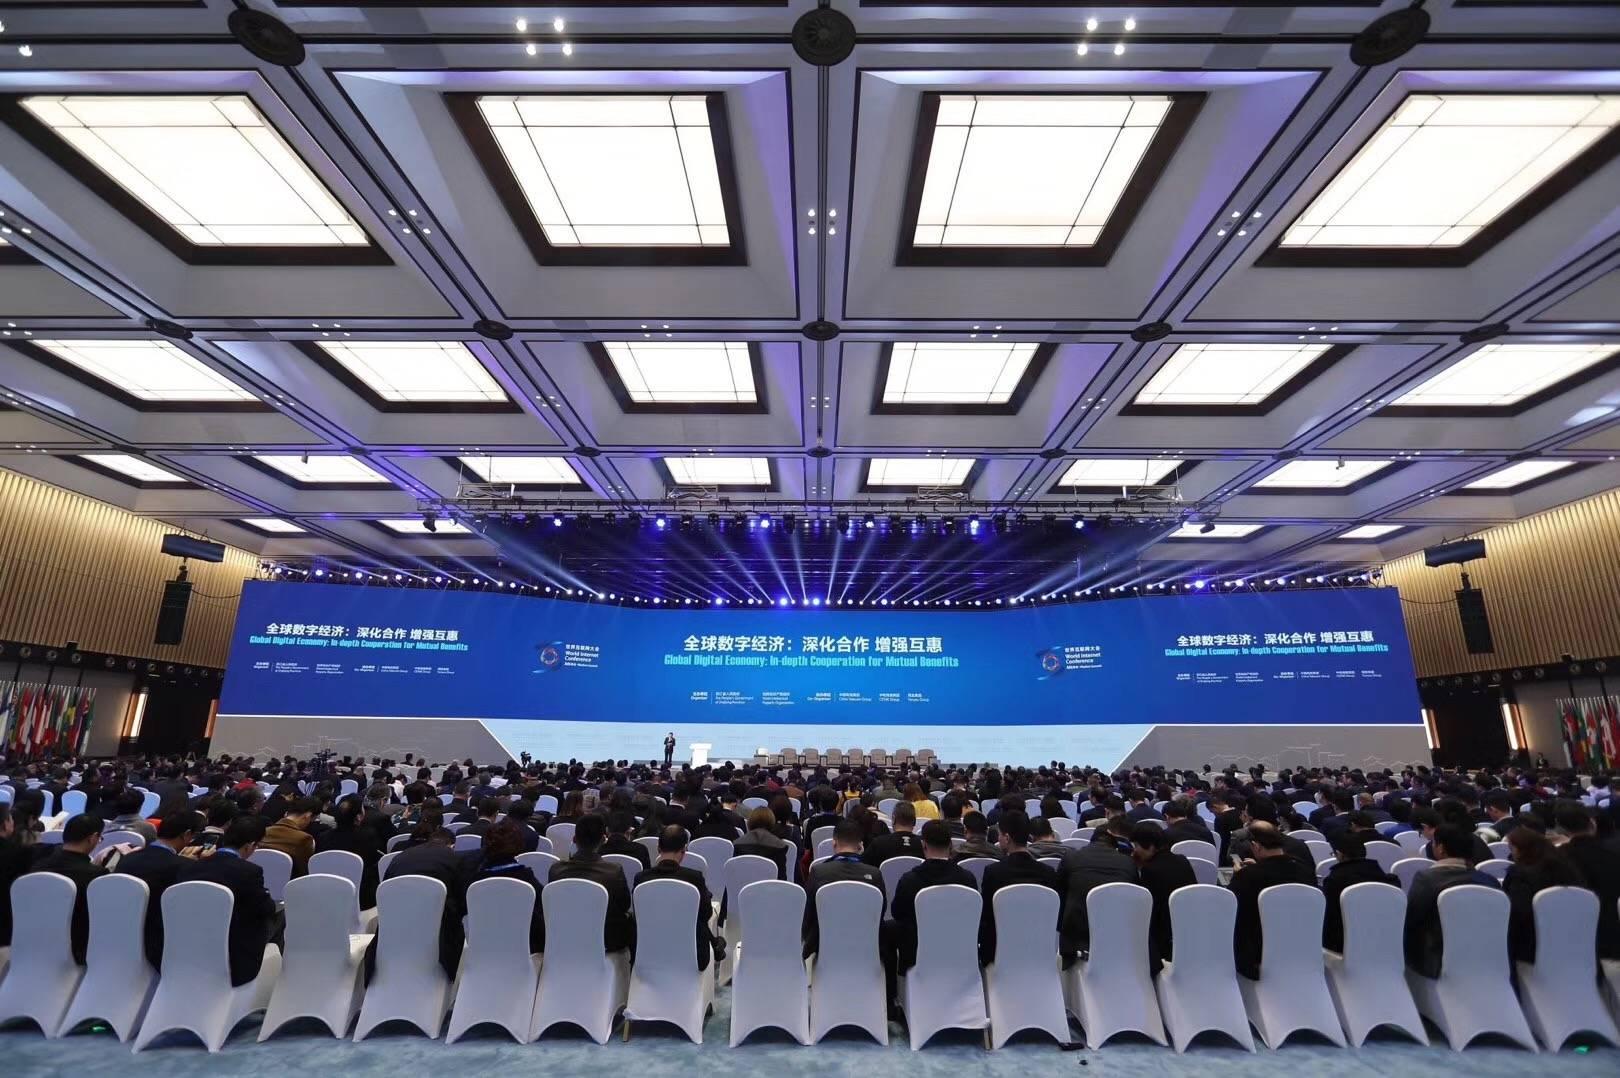 2019中国雄安智能电网建设展览会